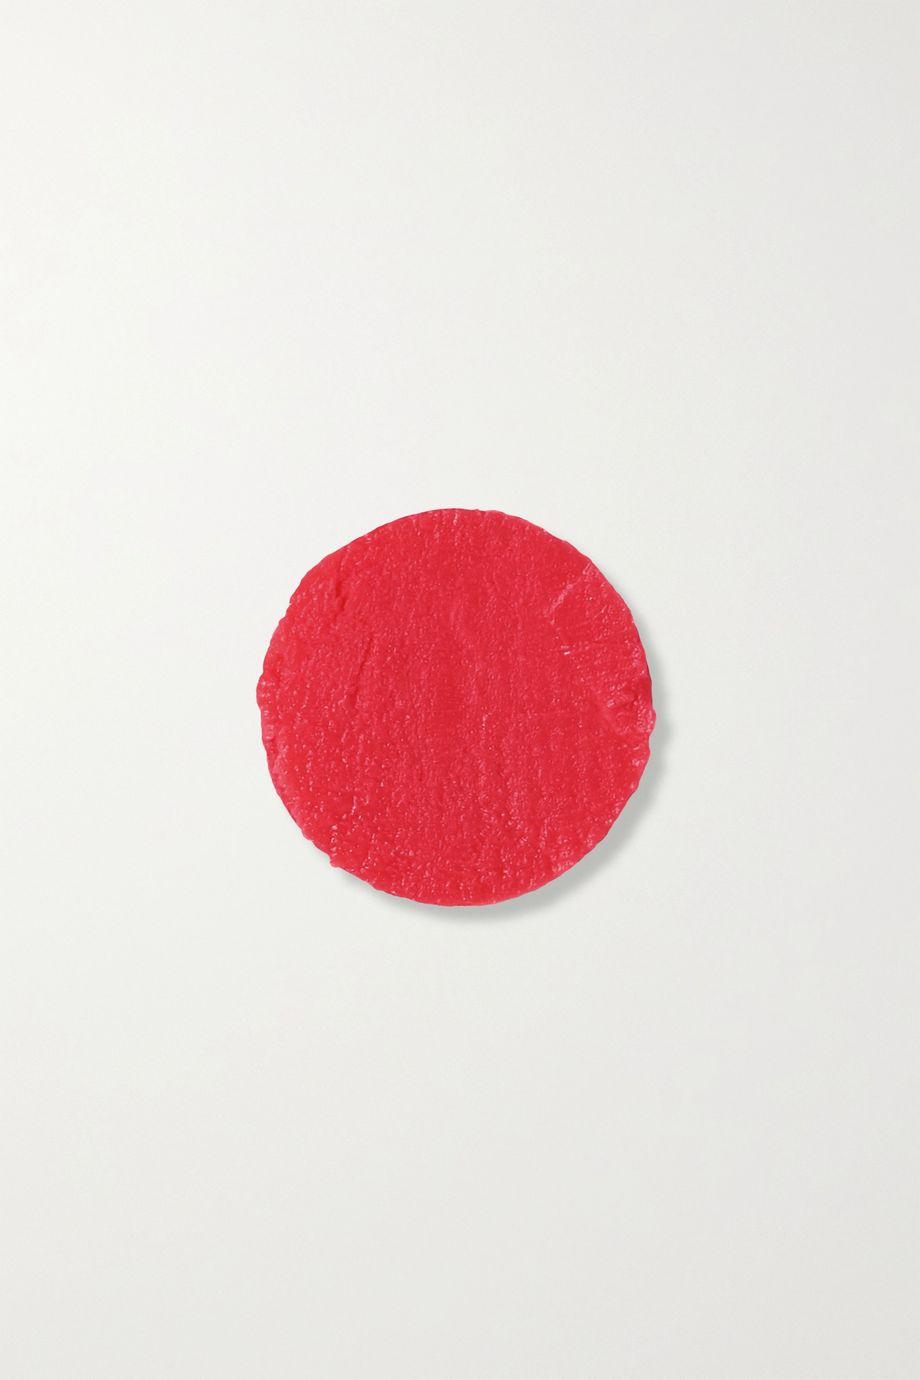 Clé de Peau Beauté Lip Glorifier - Red